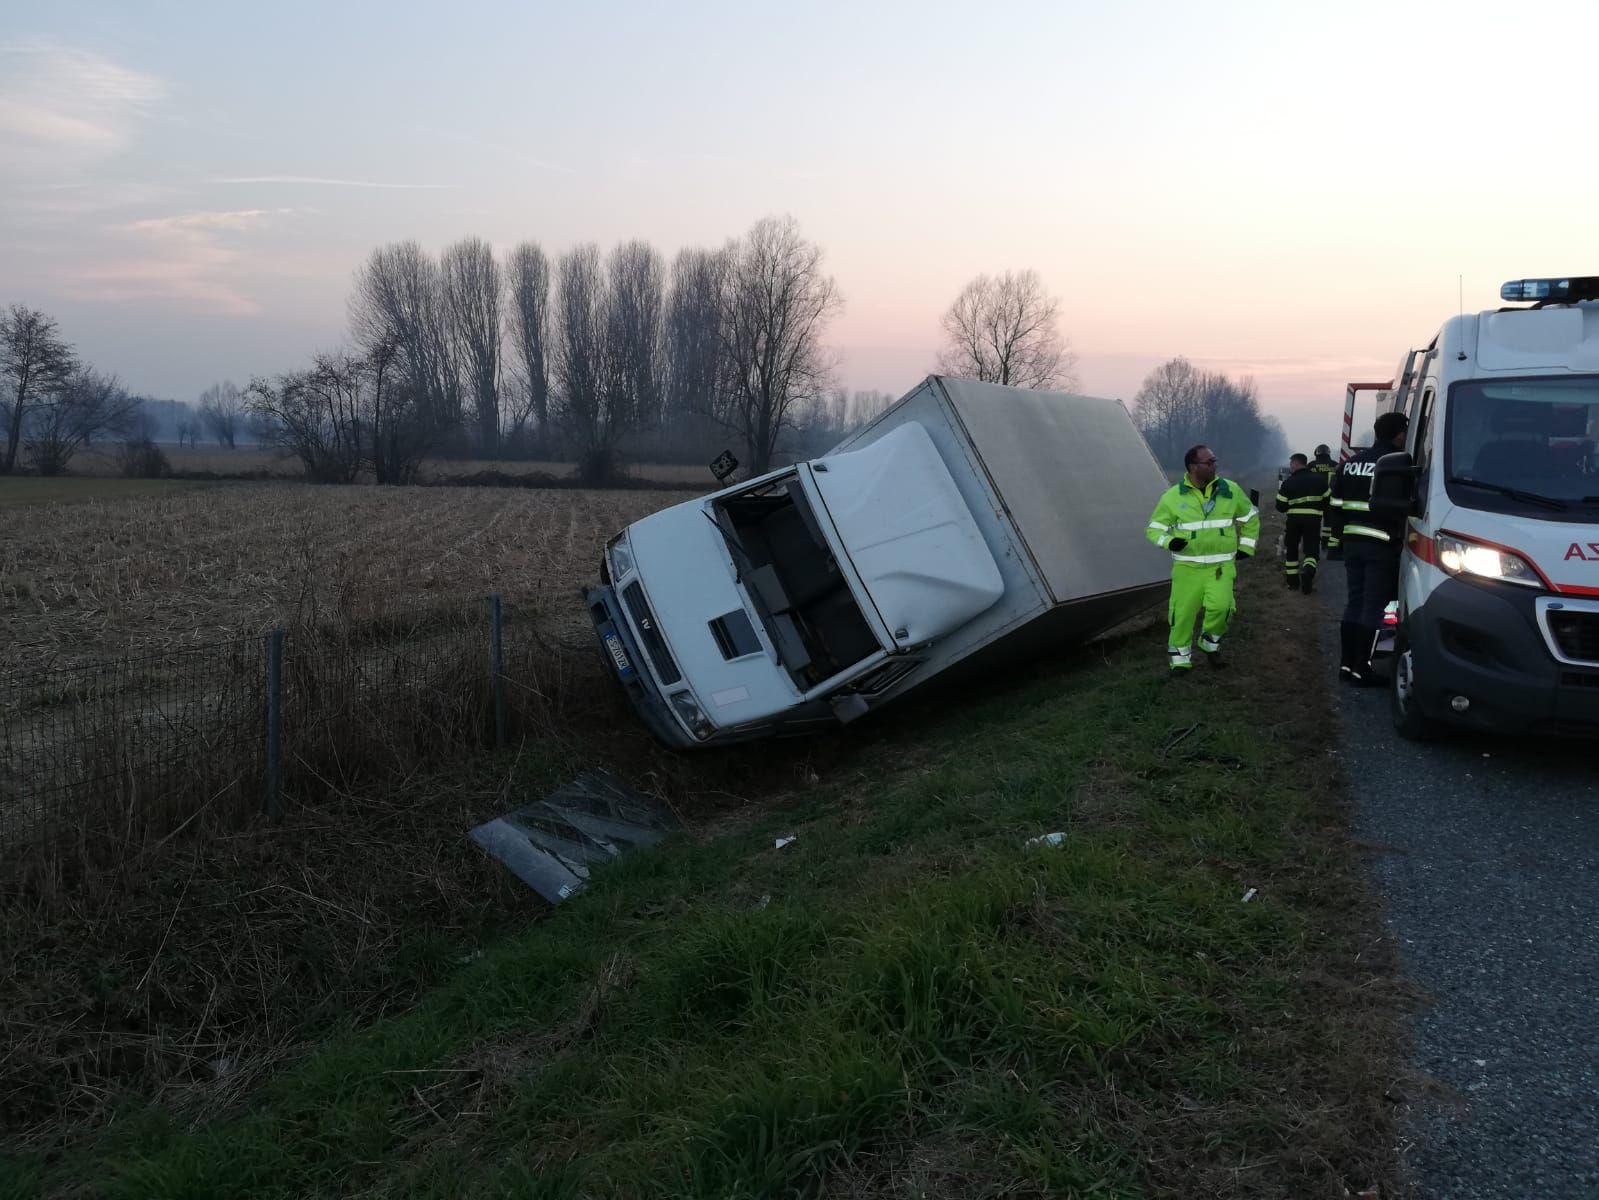 AUTOSTRADA A5 - Incidente stradale: ferito un 38enne - FOTO